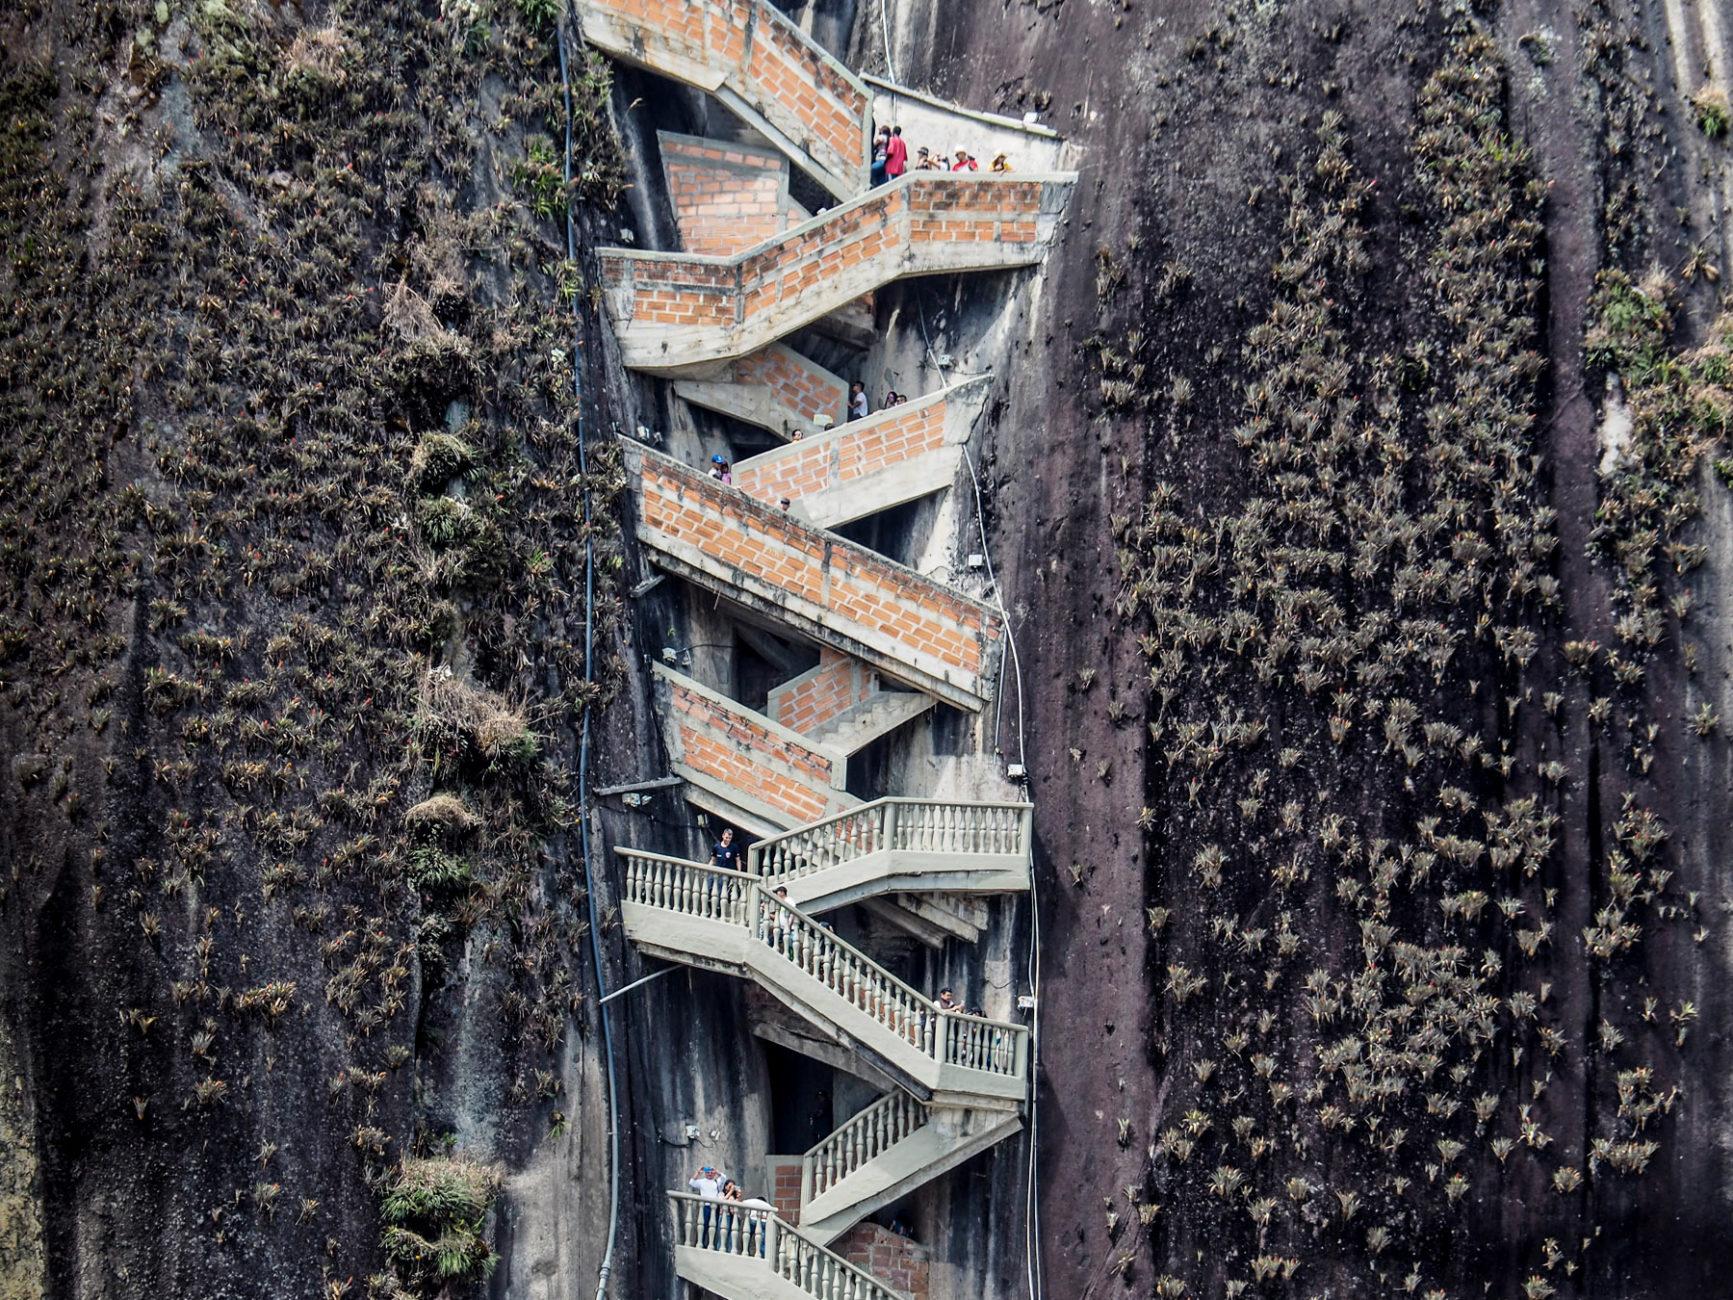 Eine Treppe wurde in einen natürlichen Spalt des riesigen Felsens gebaut